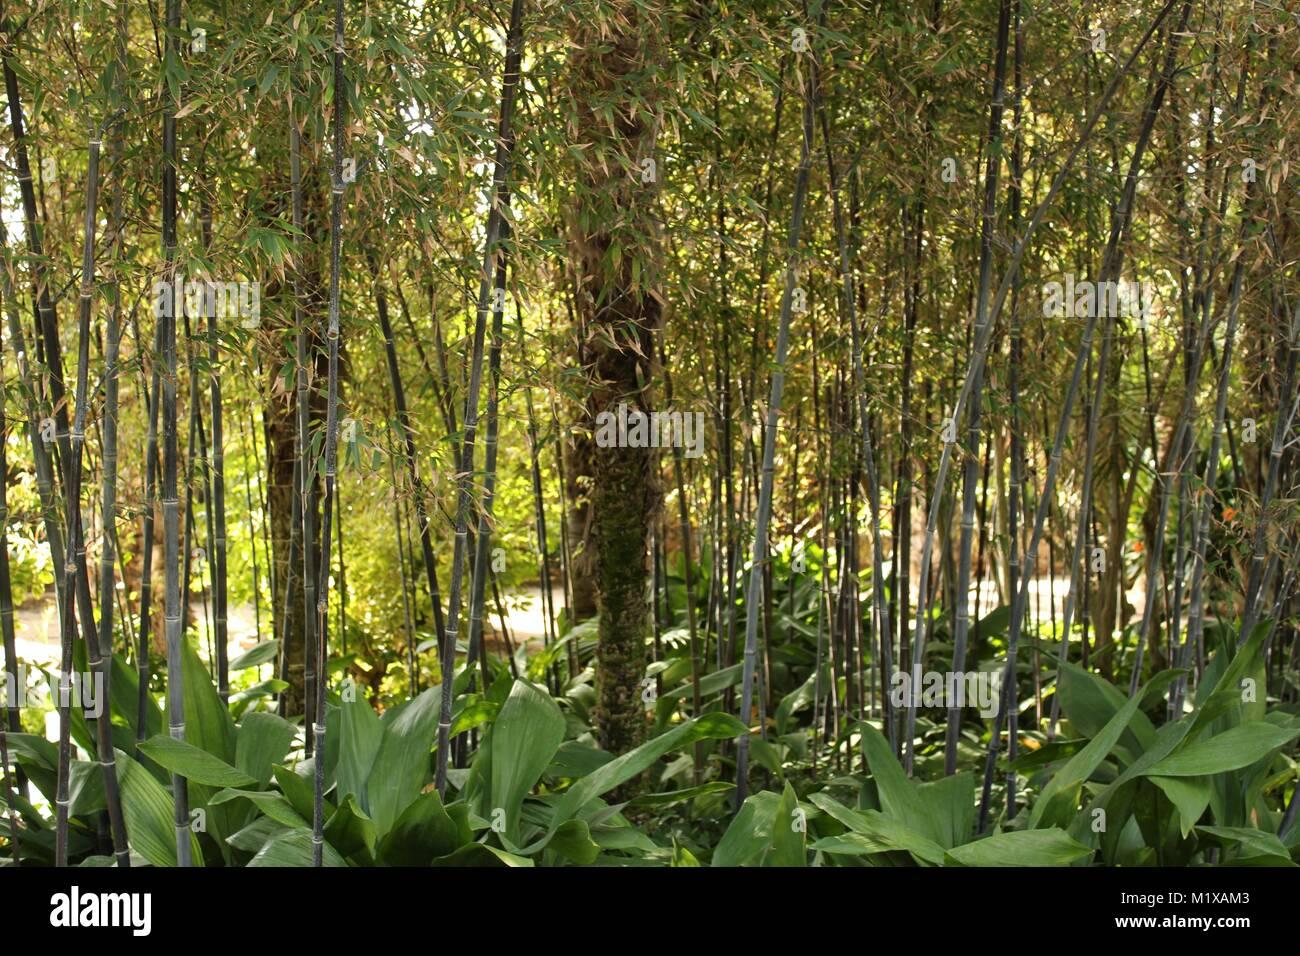 bambus im garten, phyllostachys nigra, schwarzer bambus im garten stockfoto, bild, Design ideen